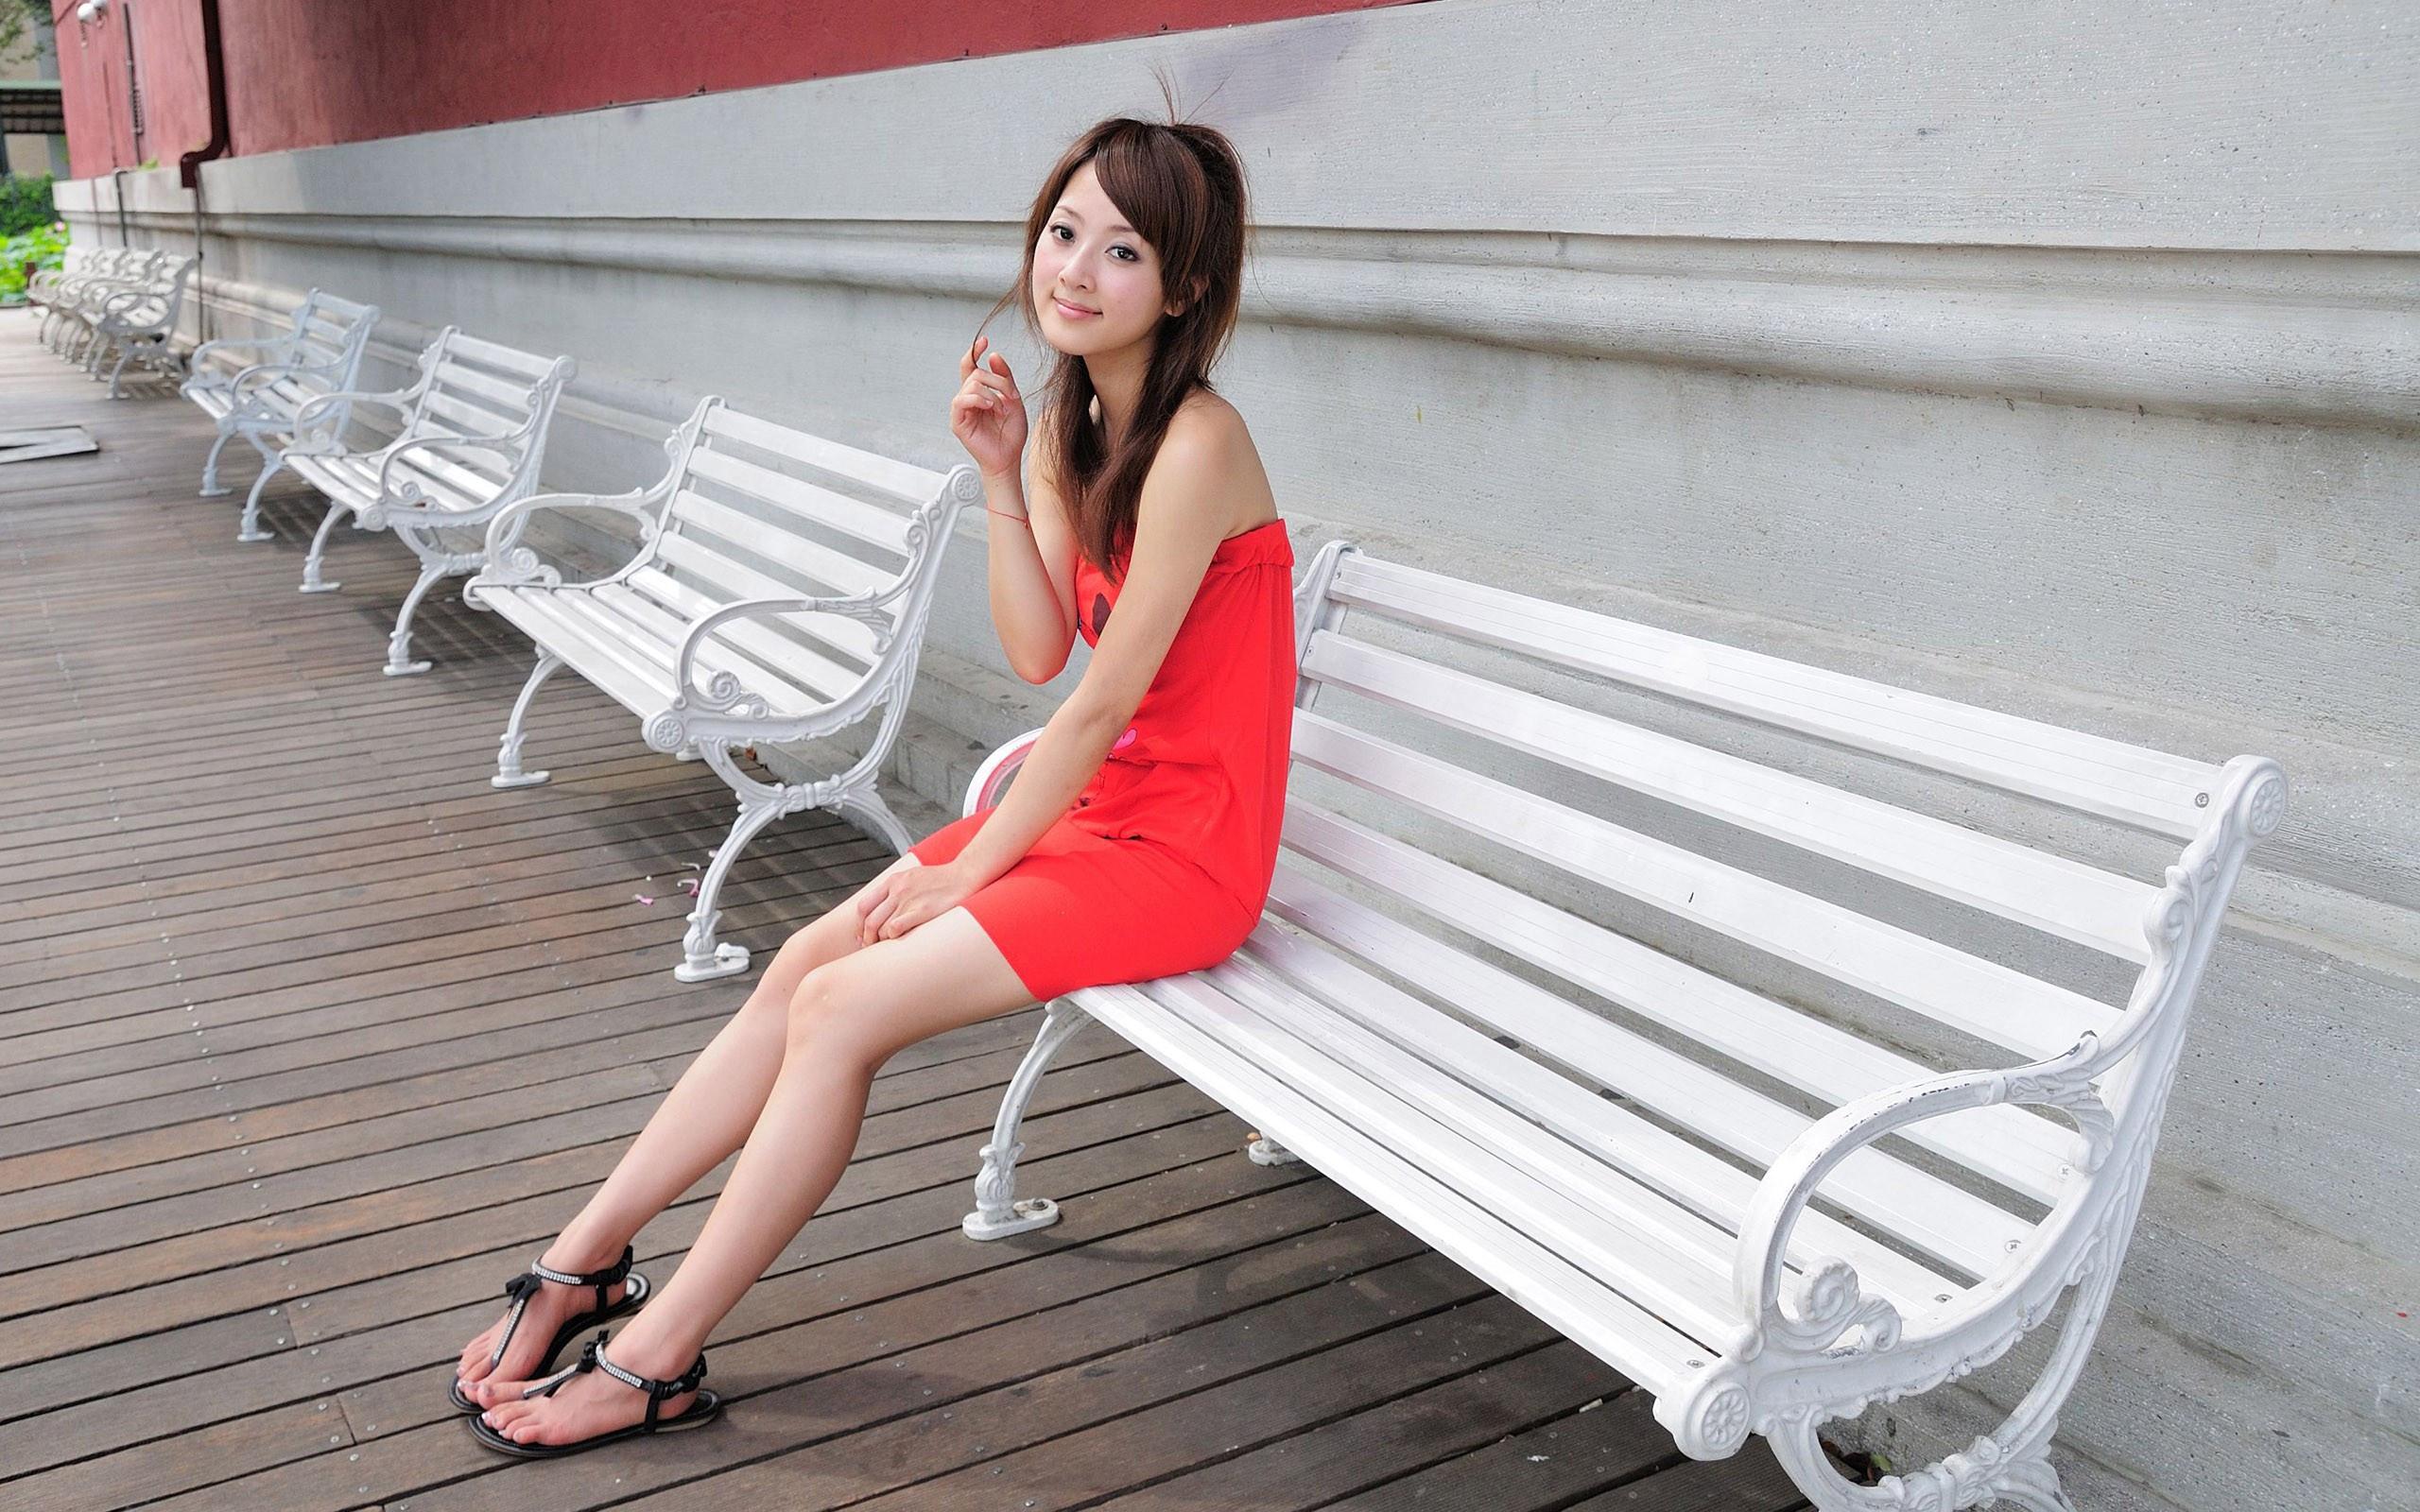 New Car Wallpaper Bloggers Asian Girls Desktop Wallpapers Hd